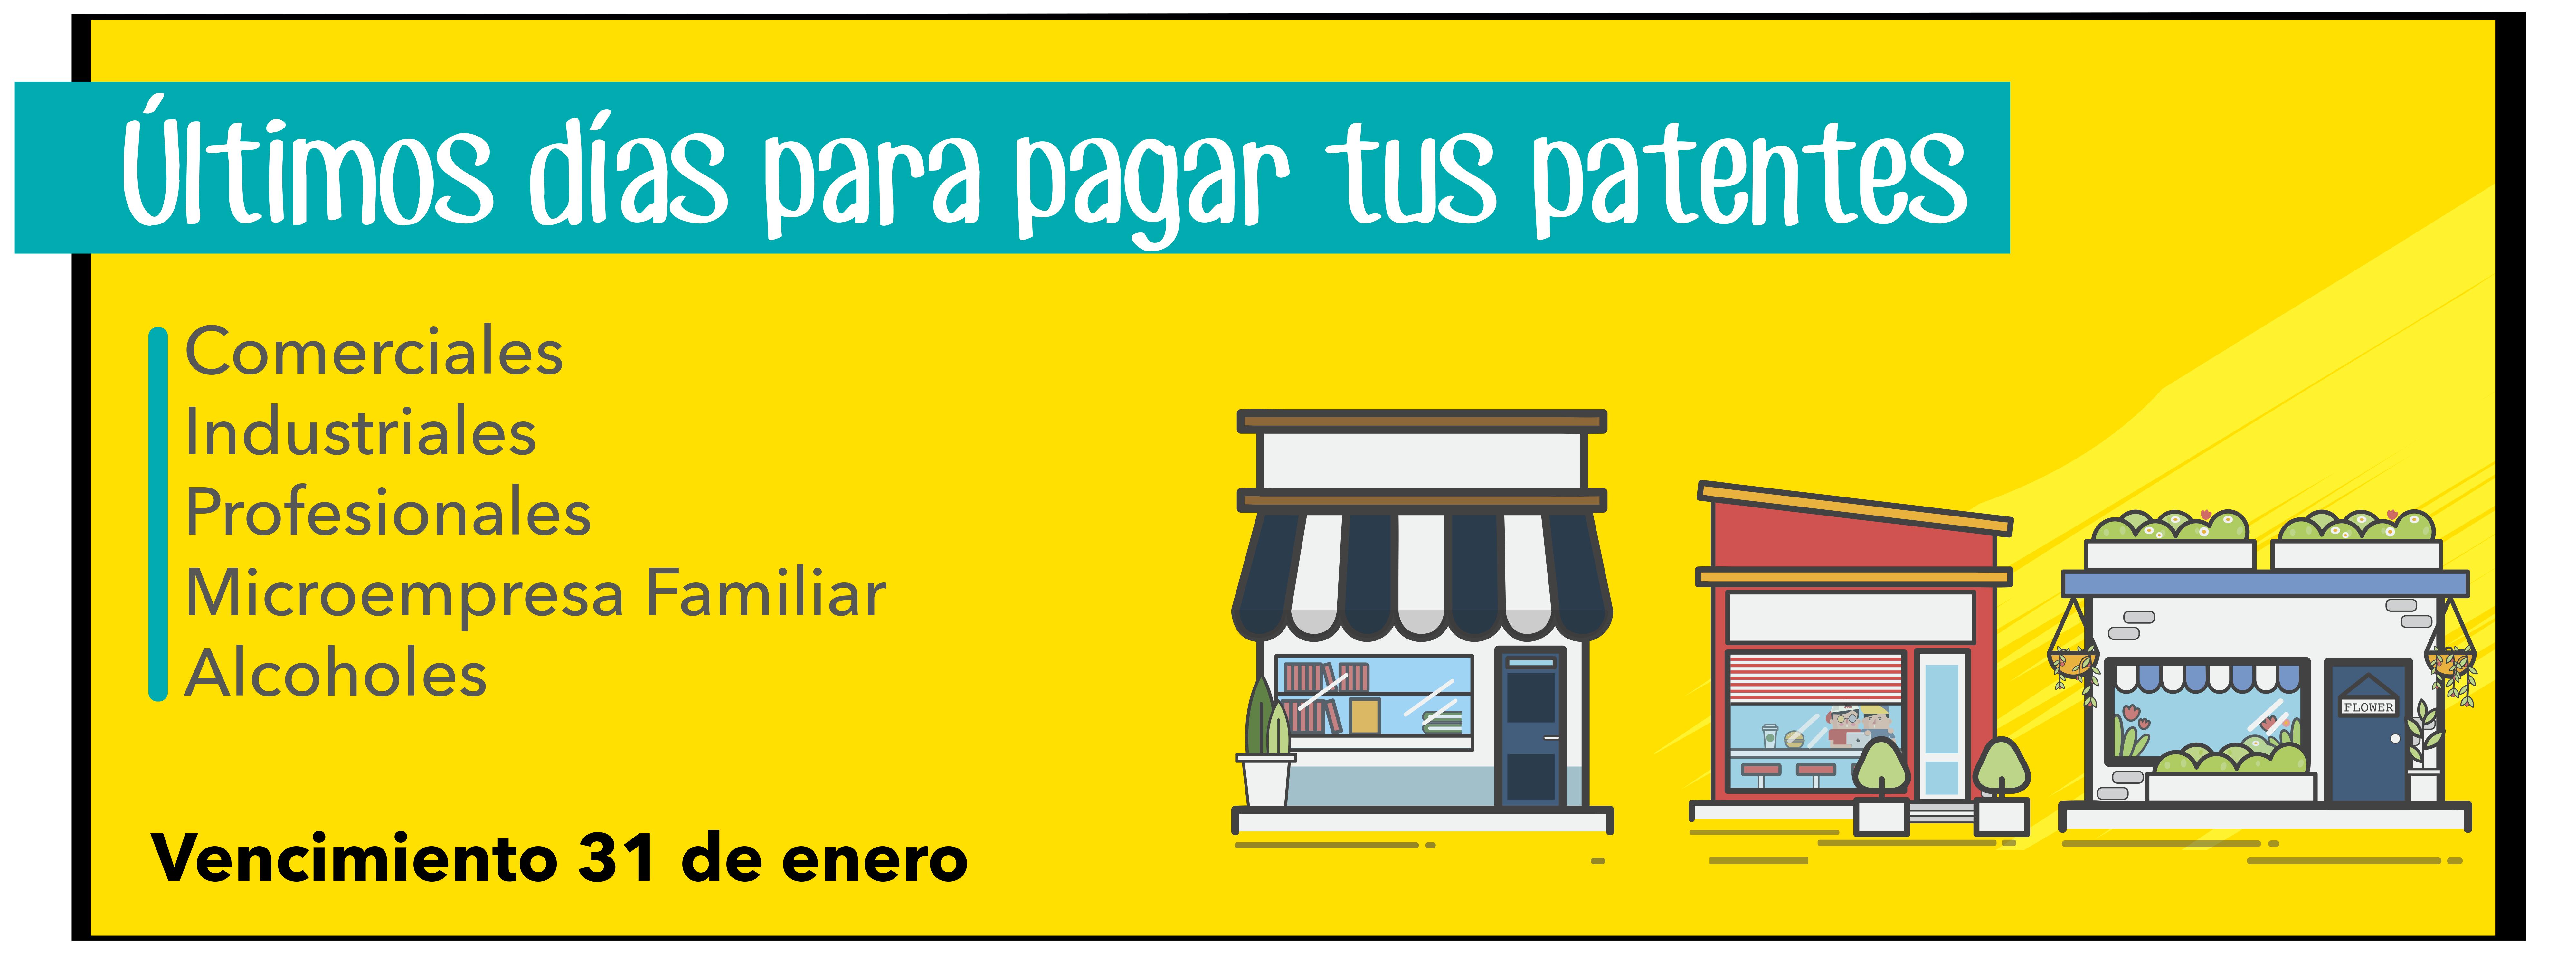 asltimos-daas-para-el-pago-de-patentes-municipales